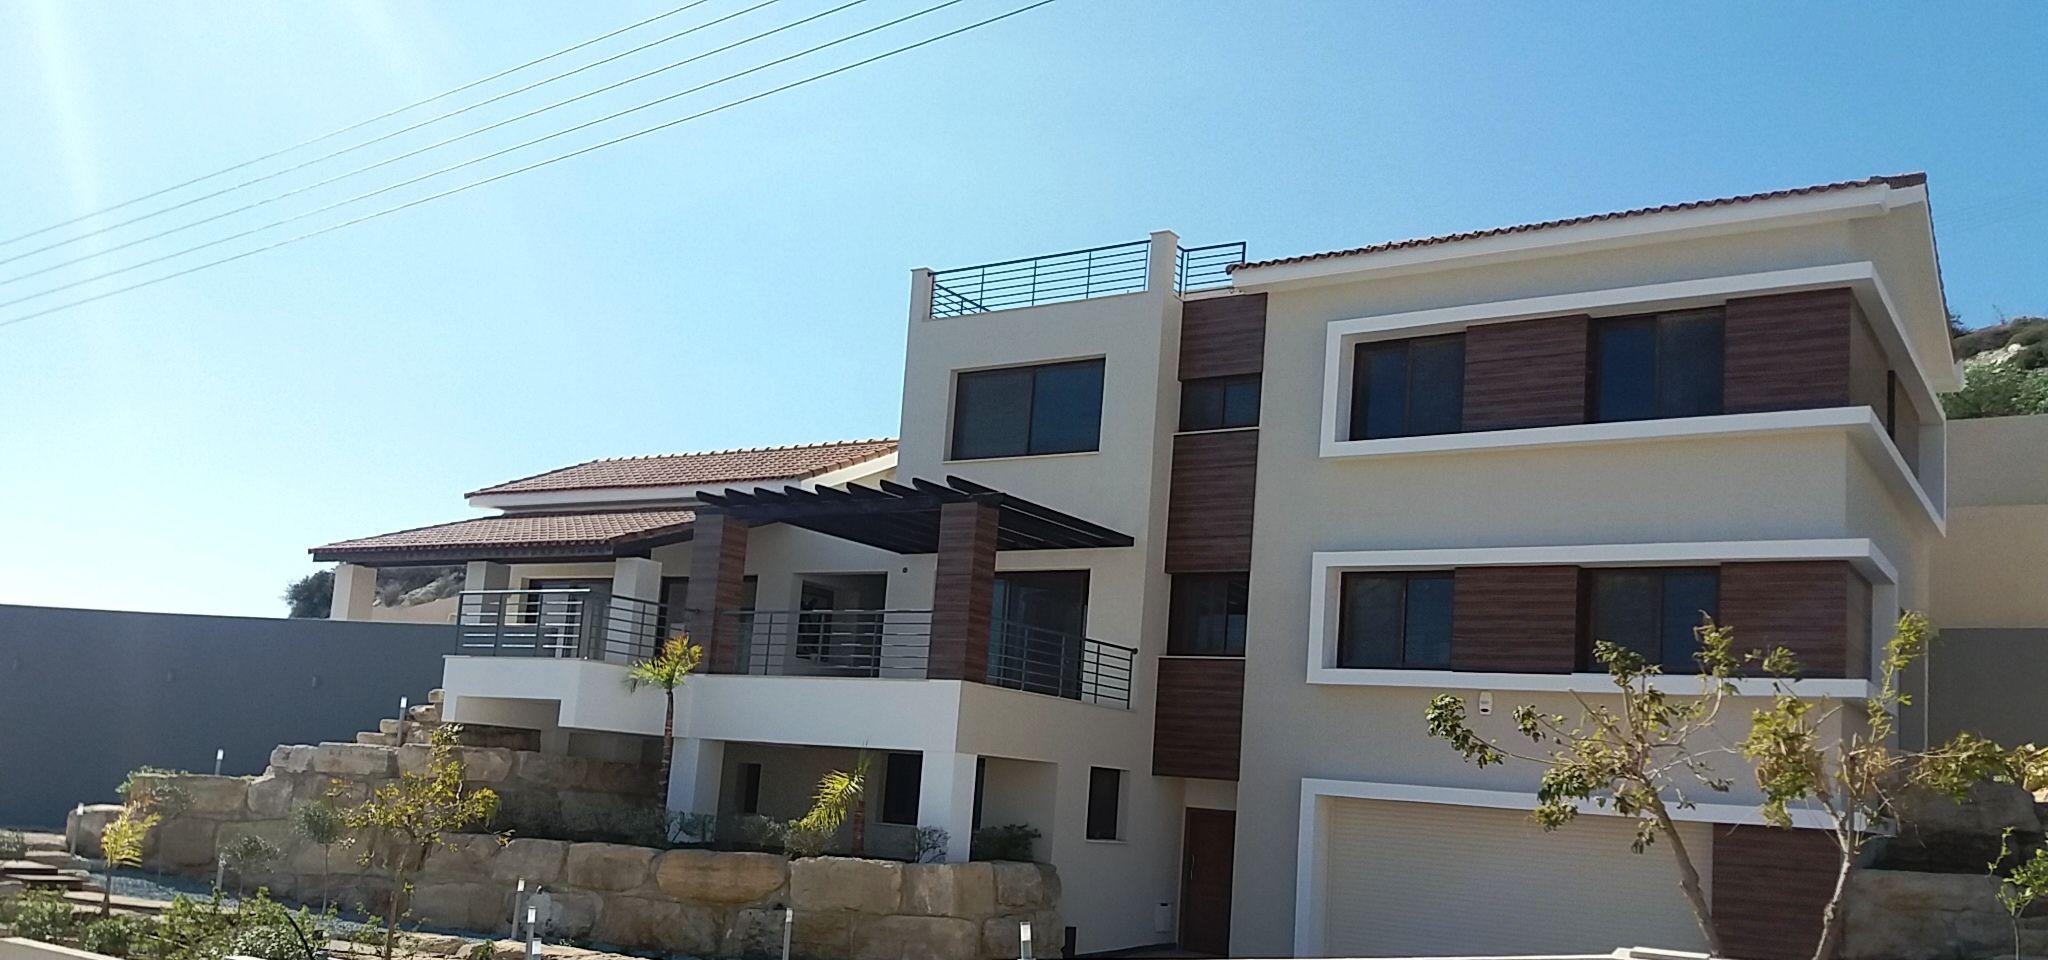 6 Bedroom Villa with amazing Sea Views In Agios Tychonas  6.....